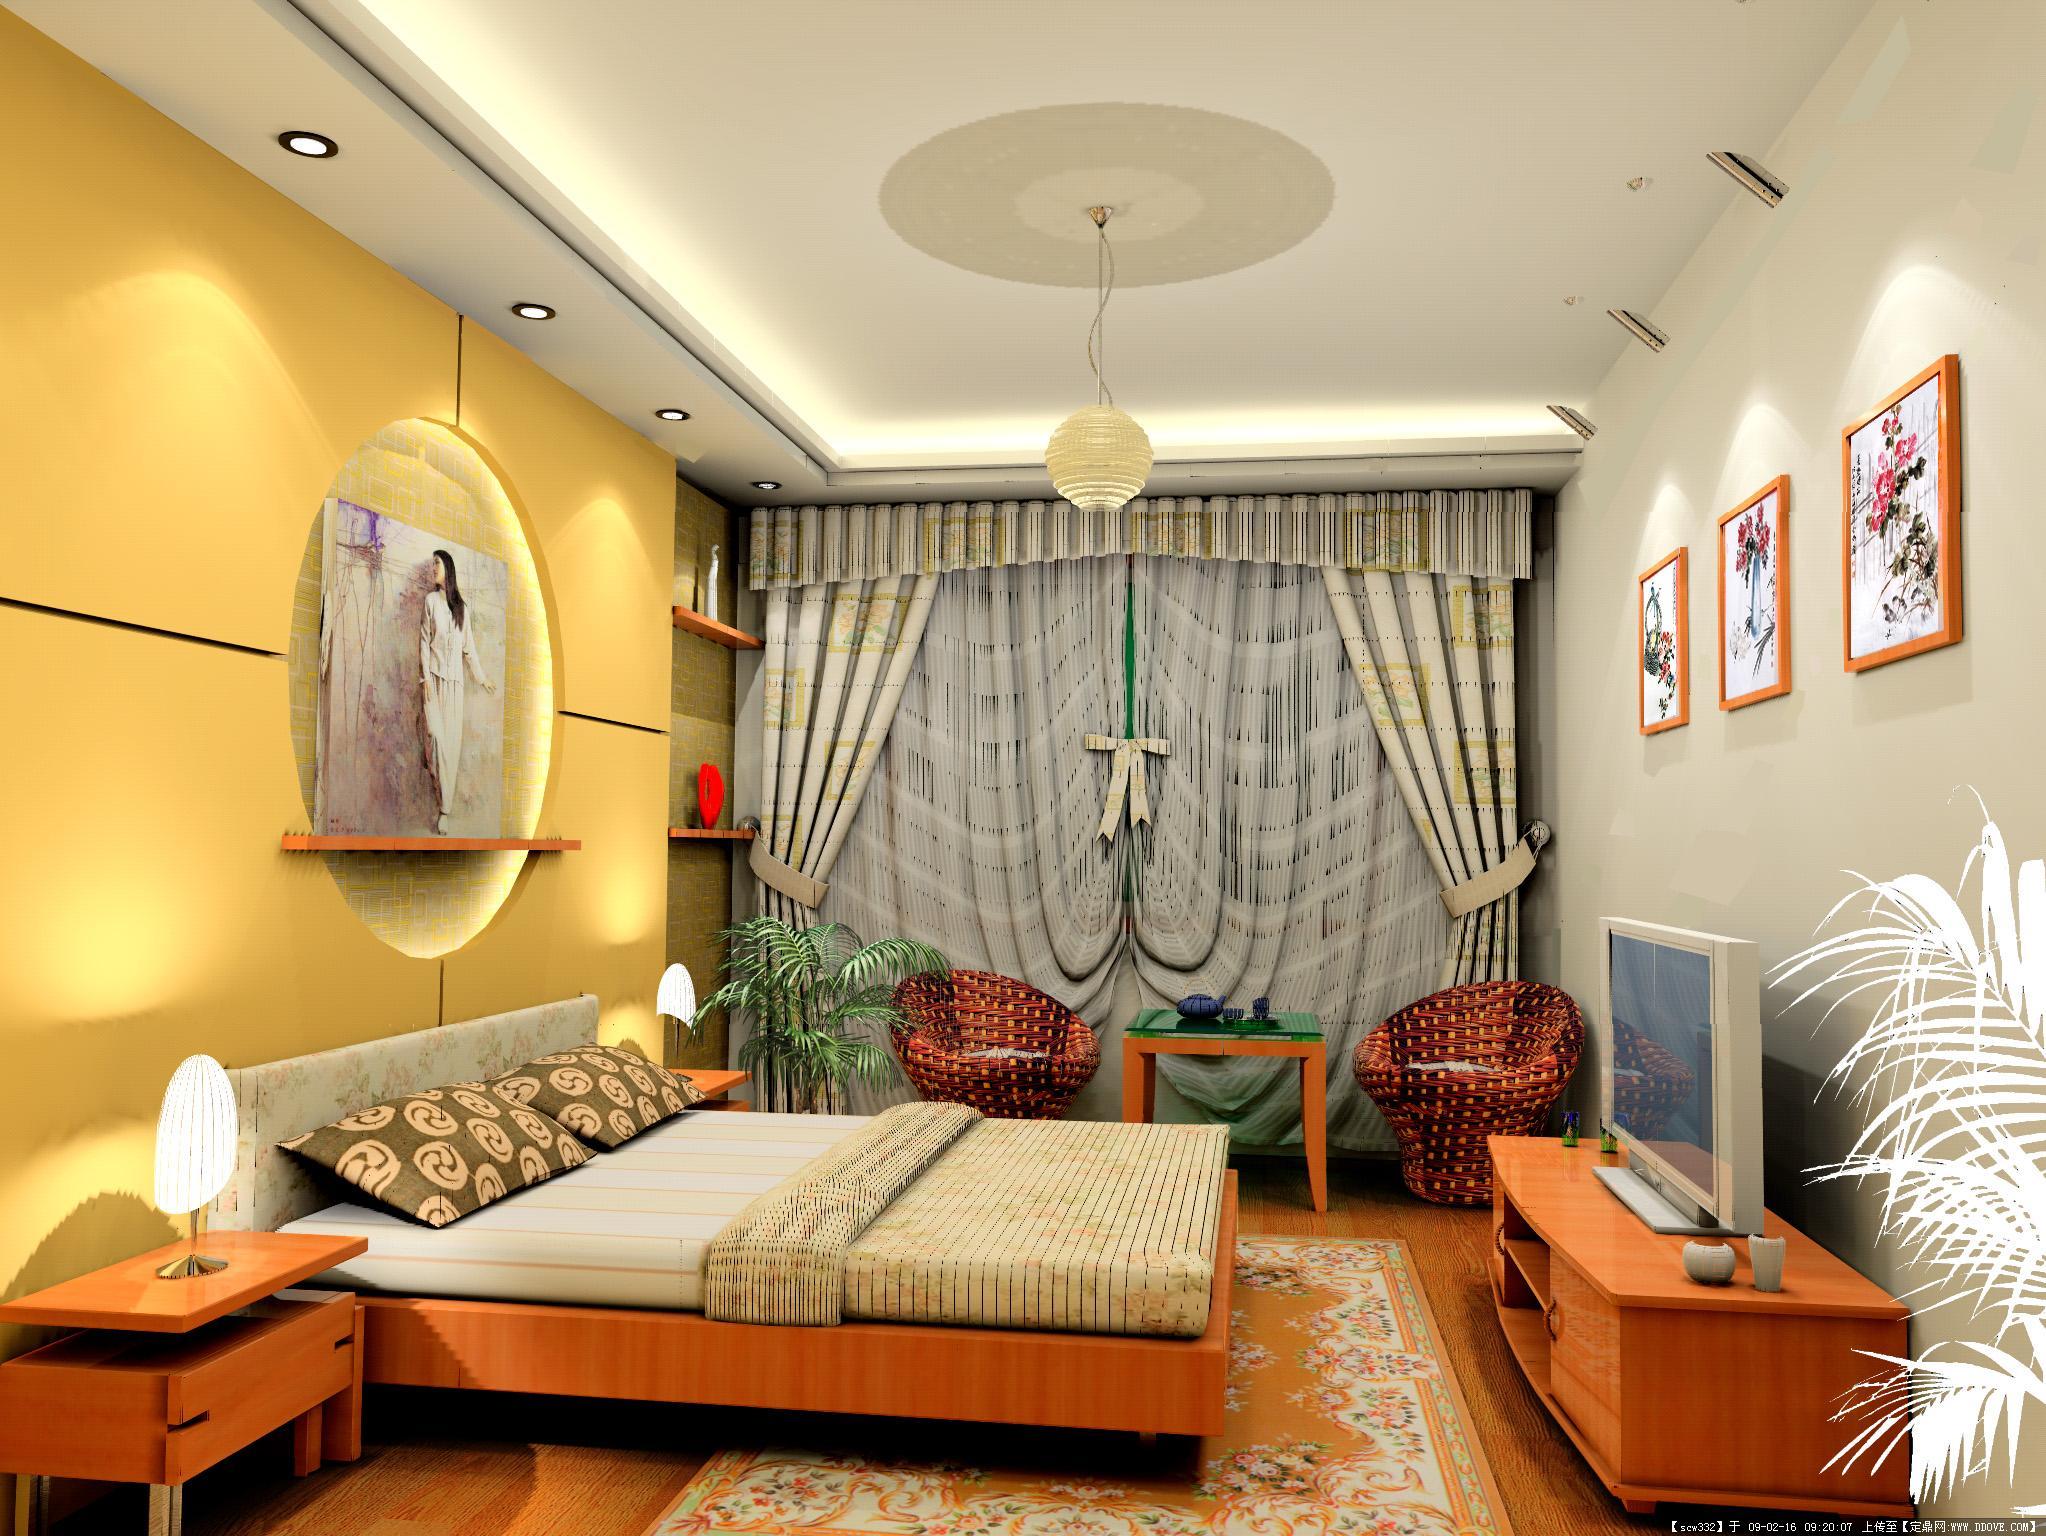 室内装修-卧室a效果图.jpg 原始尺寸:2046 * 1536